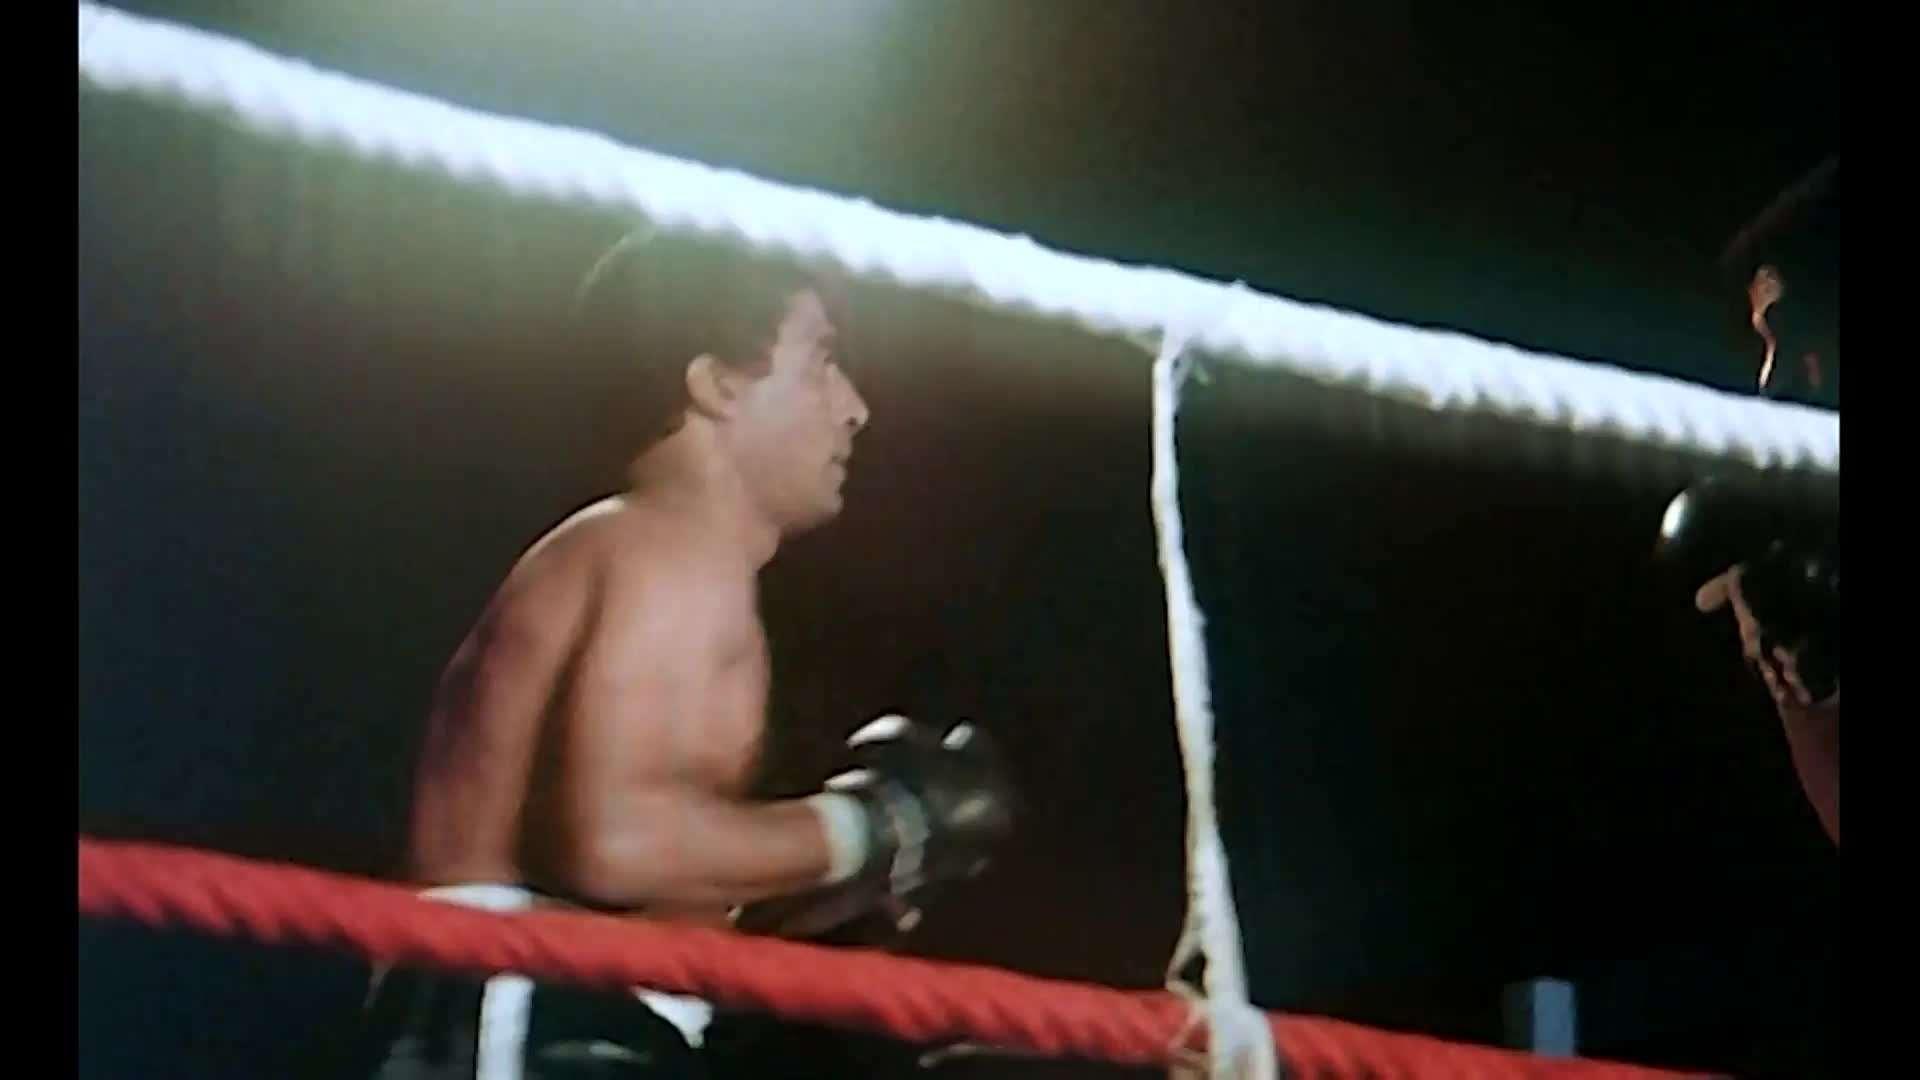 [فيلم][تورنت][تحميل][النمر الأسود][1984][1080p][Web-DL] 12 arabp2p.com